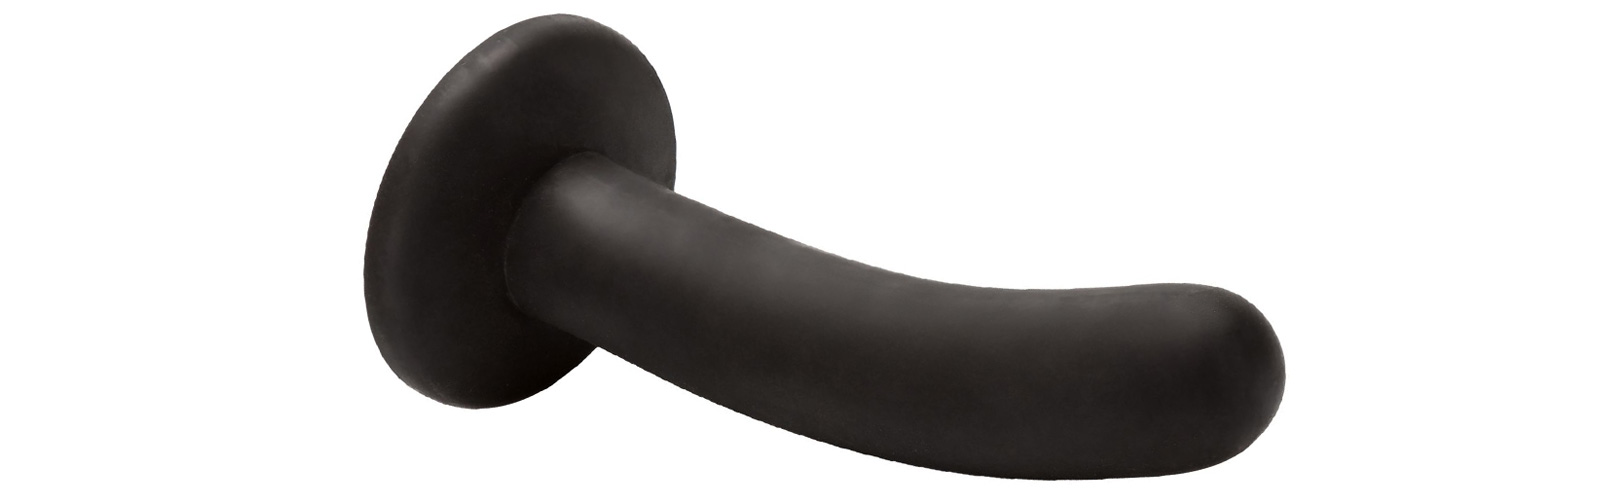 A pegging dildo